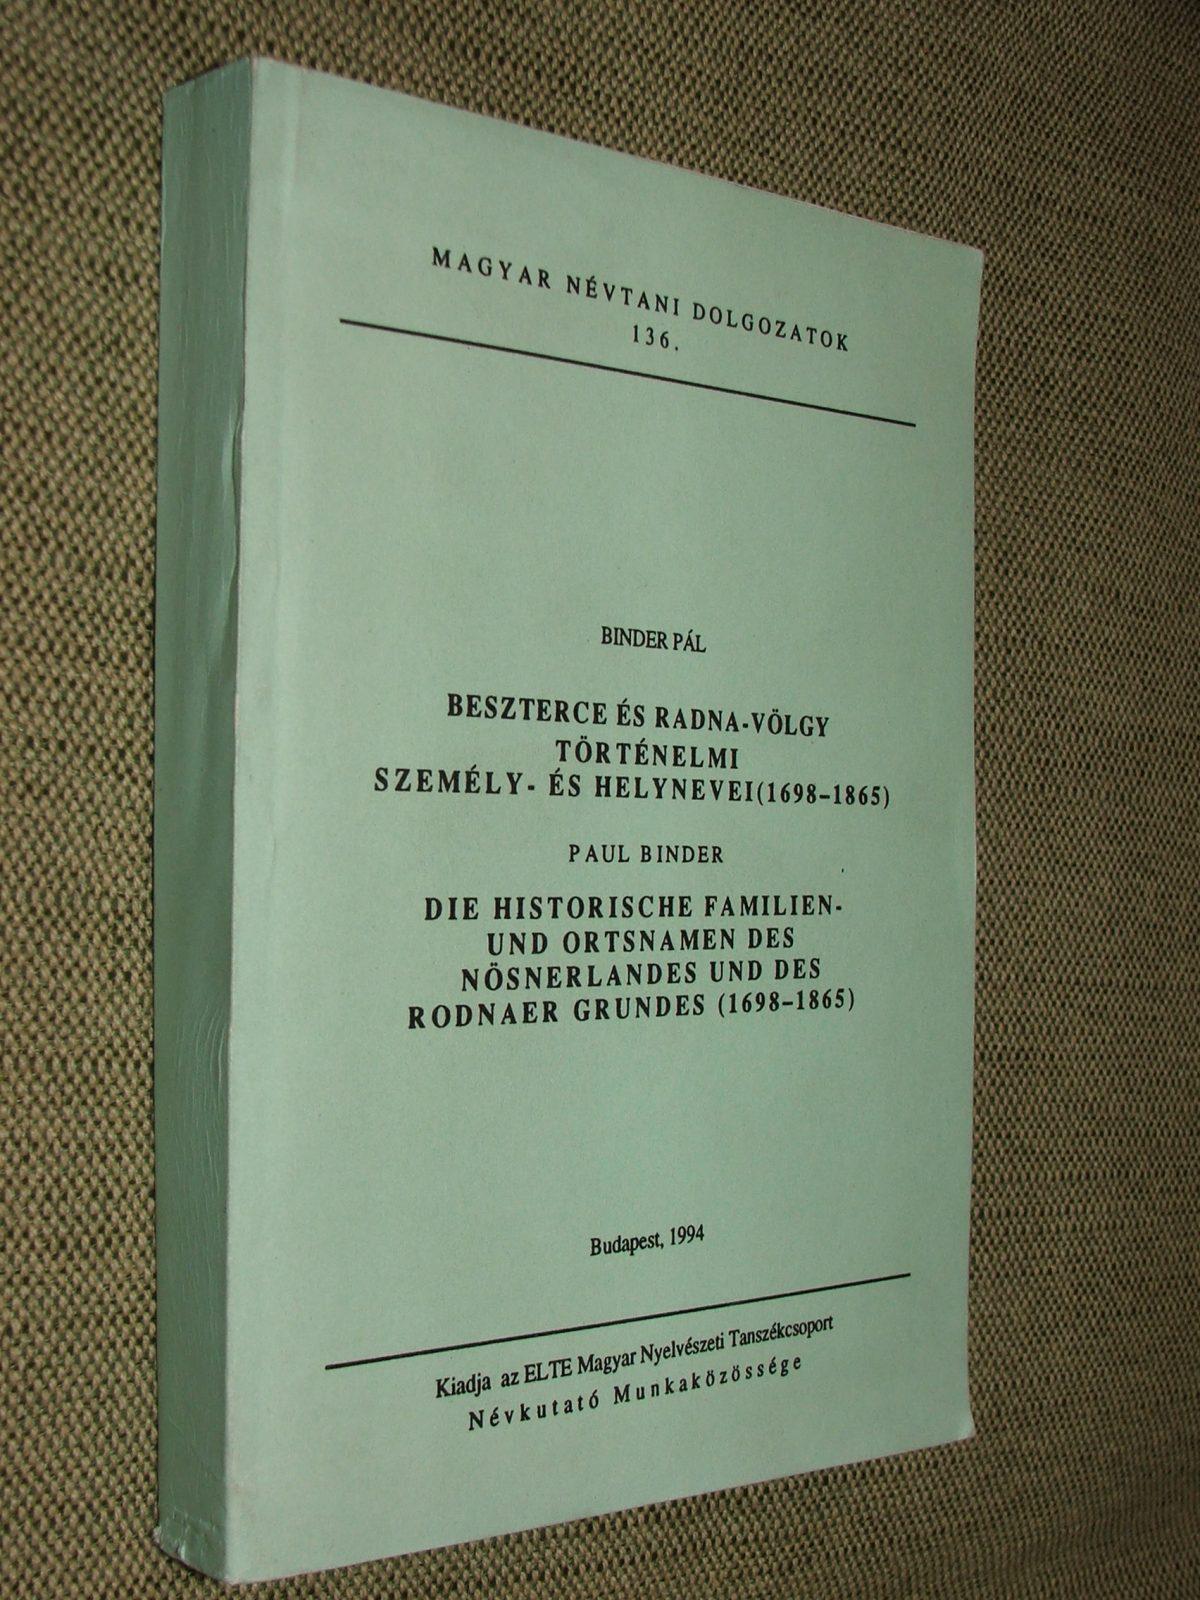 BINDER Pál: Beszterce és Radna-völgy történelmi személy- és helynevei (1698-1865)